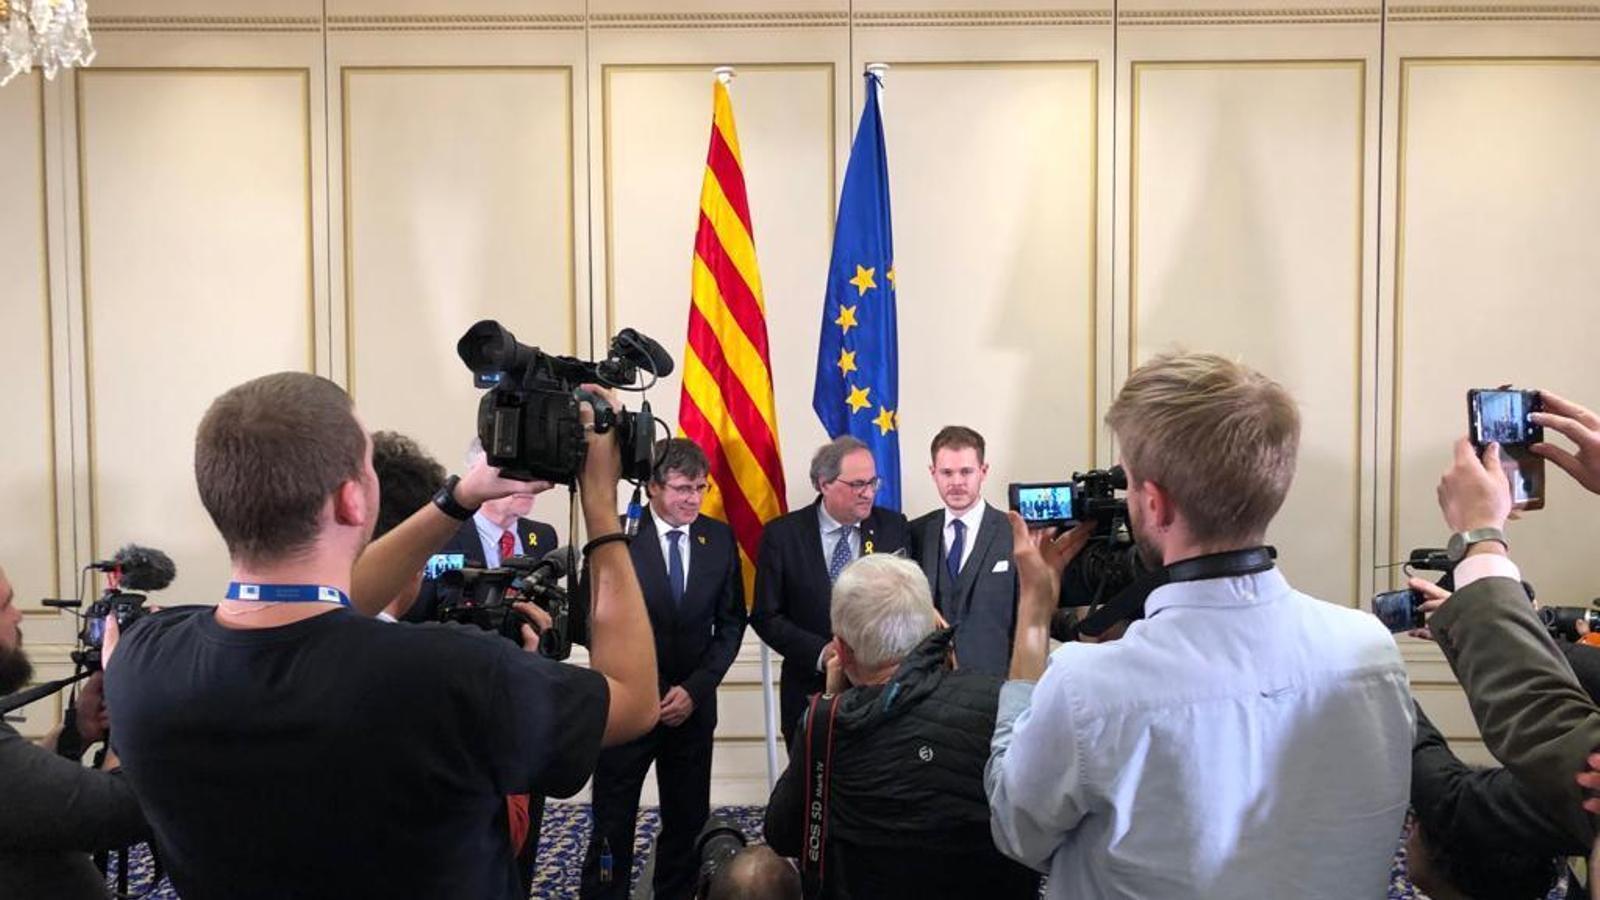 Els presidents Torra i Puigdemont, abans de començar la conferència